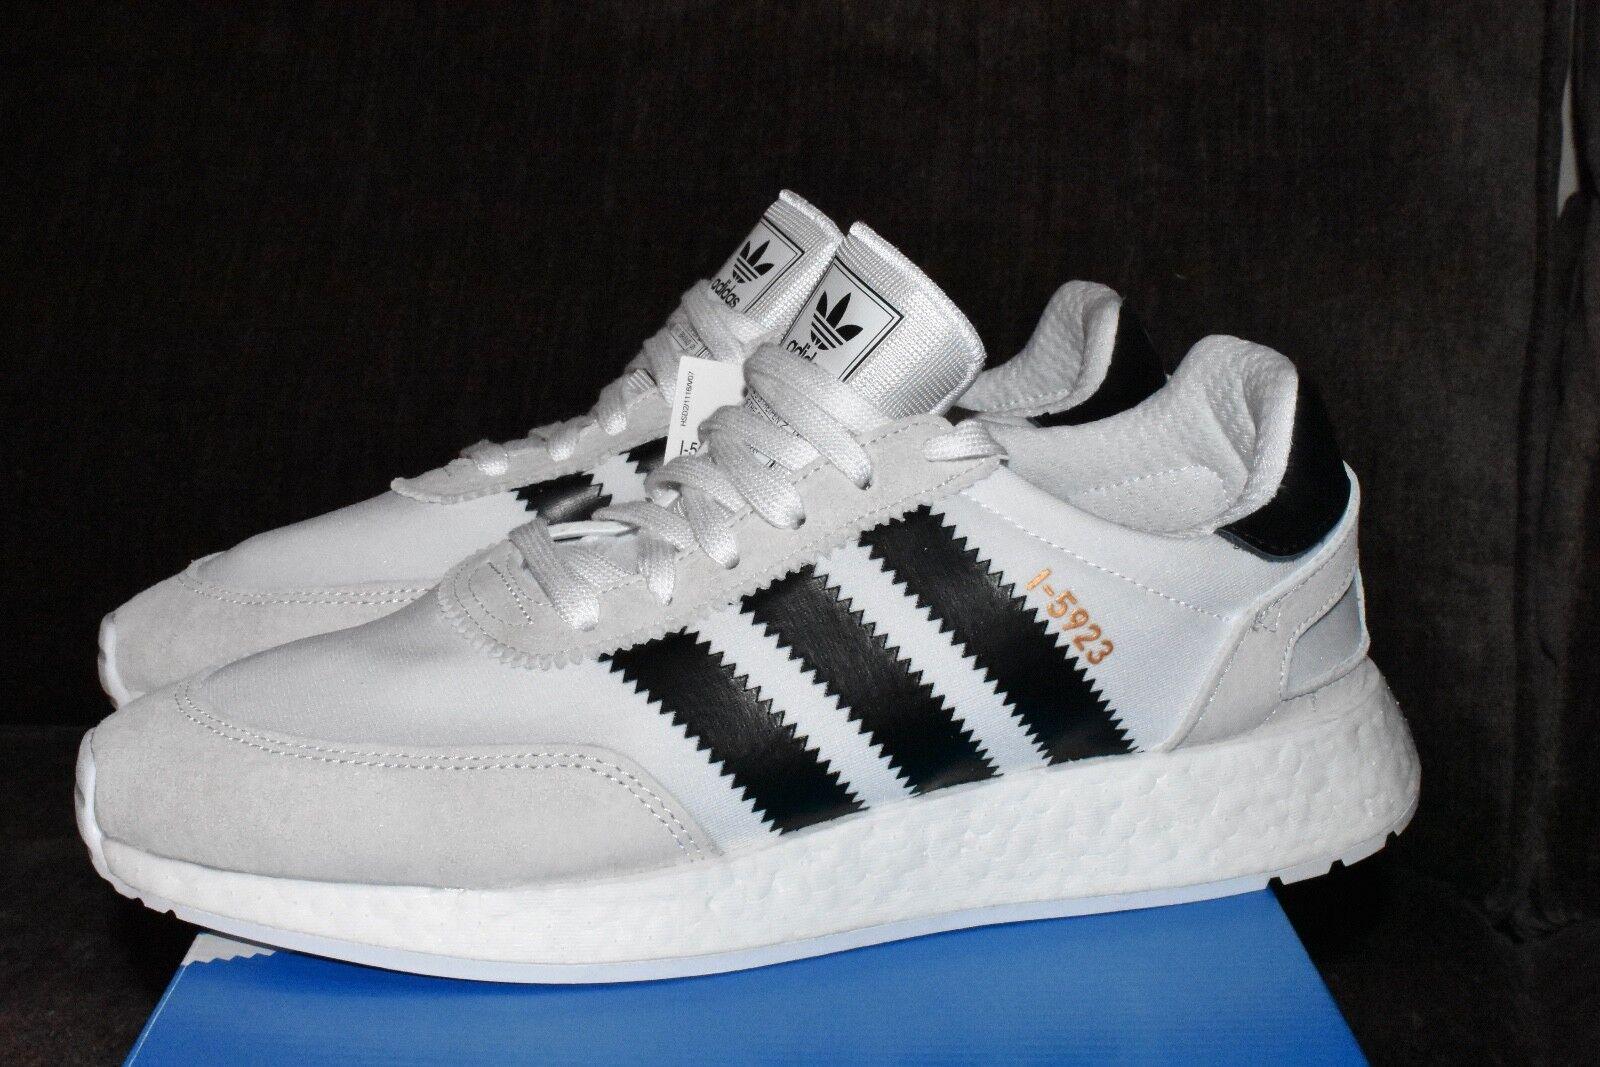 Adidas cq2489 läufer i-5923 cq2489 Adidas weiß, schwarz, kupfer preissenkung becc67